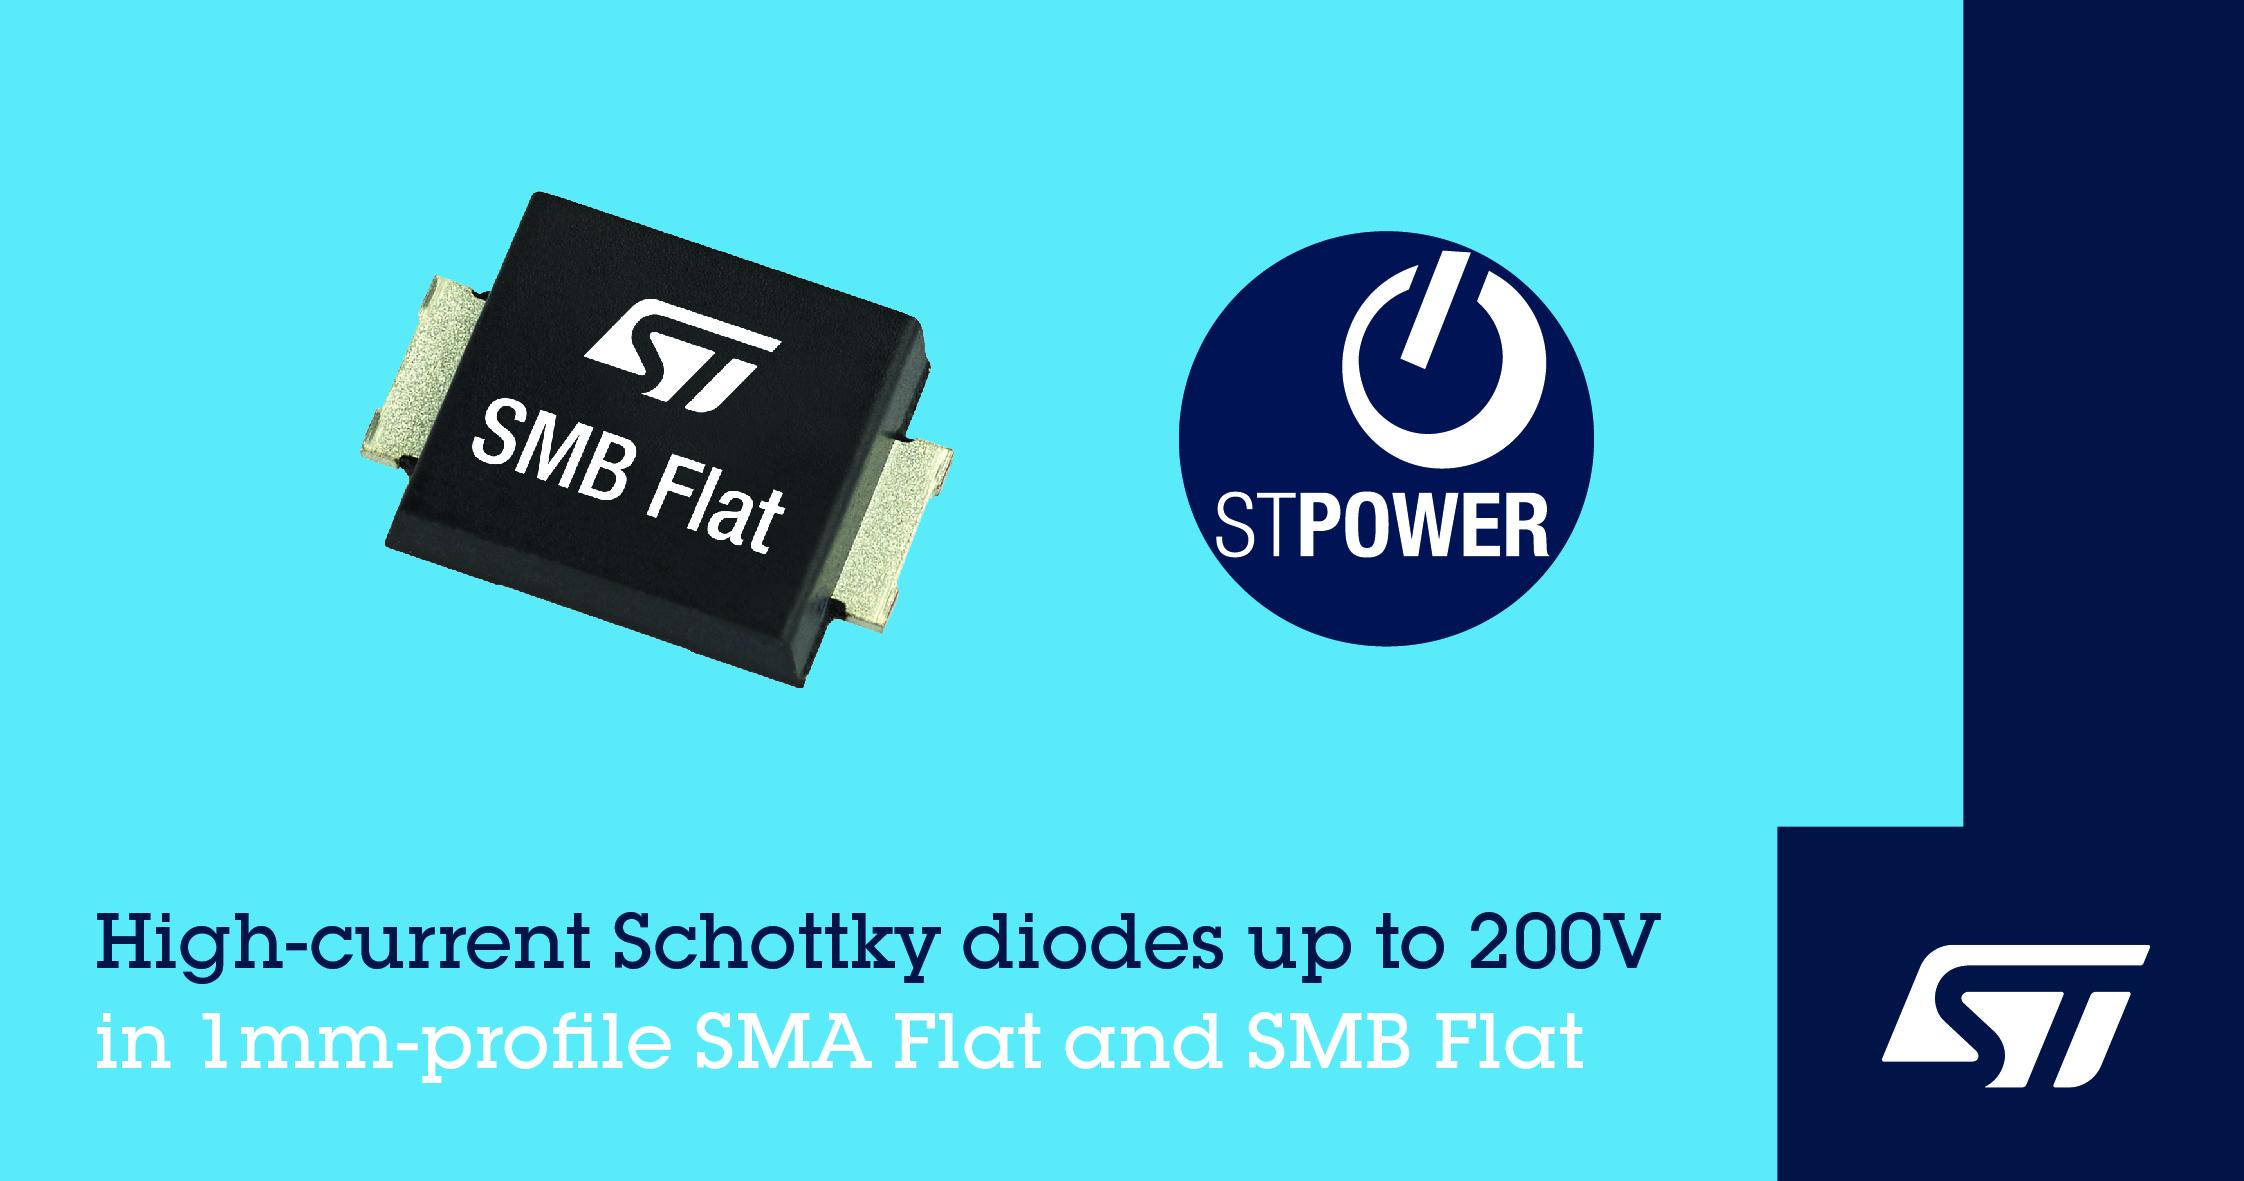 意法半导体推出薄型贴装肖特基二极管,提高功率密度和能效